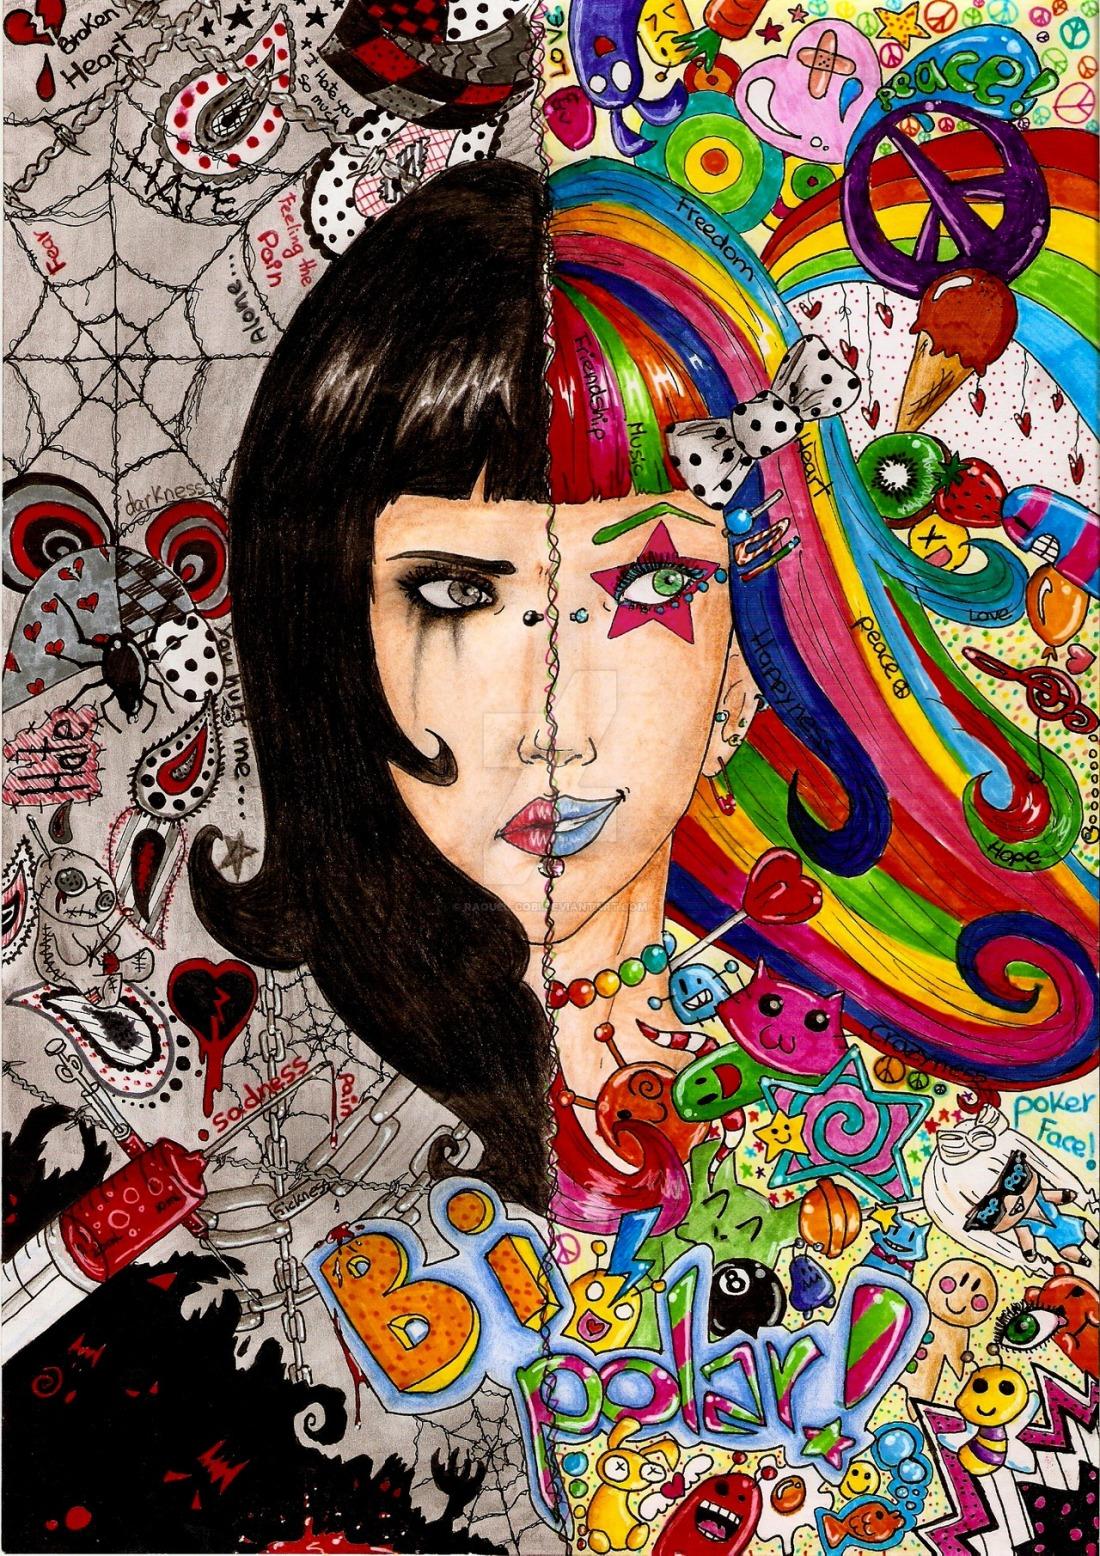 bipolar_by_raquel_cobi-d2uo4mt